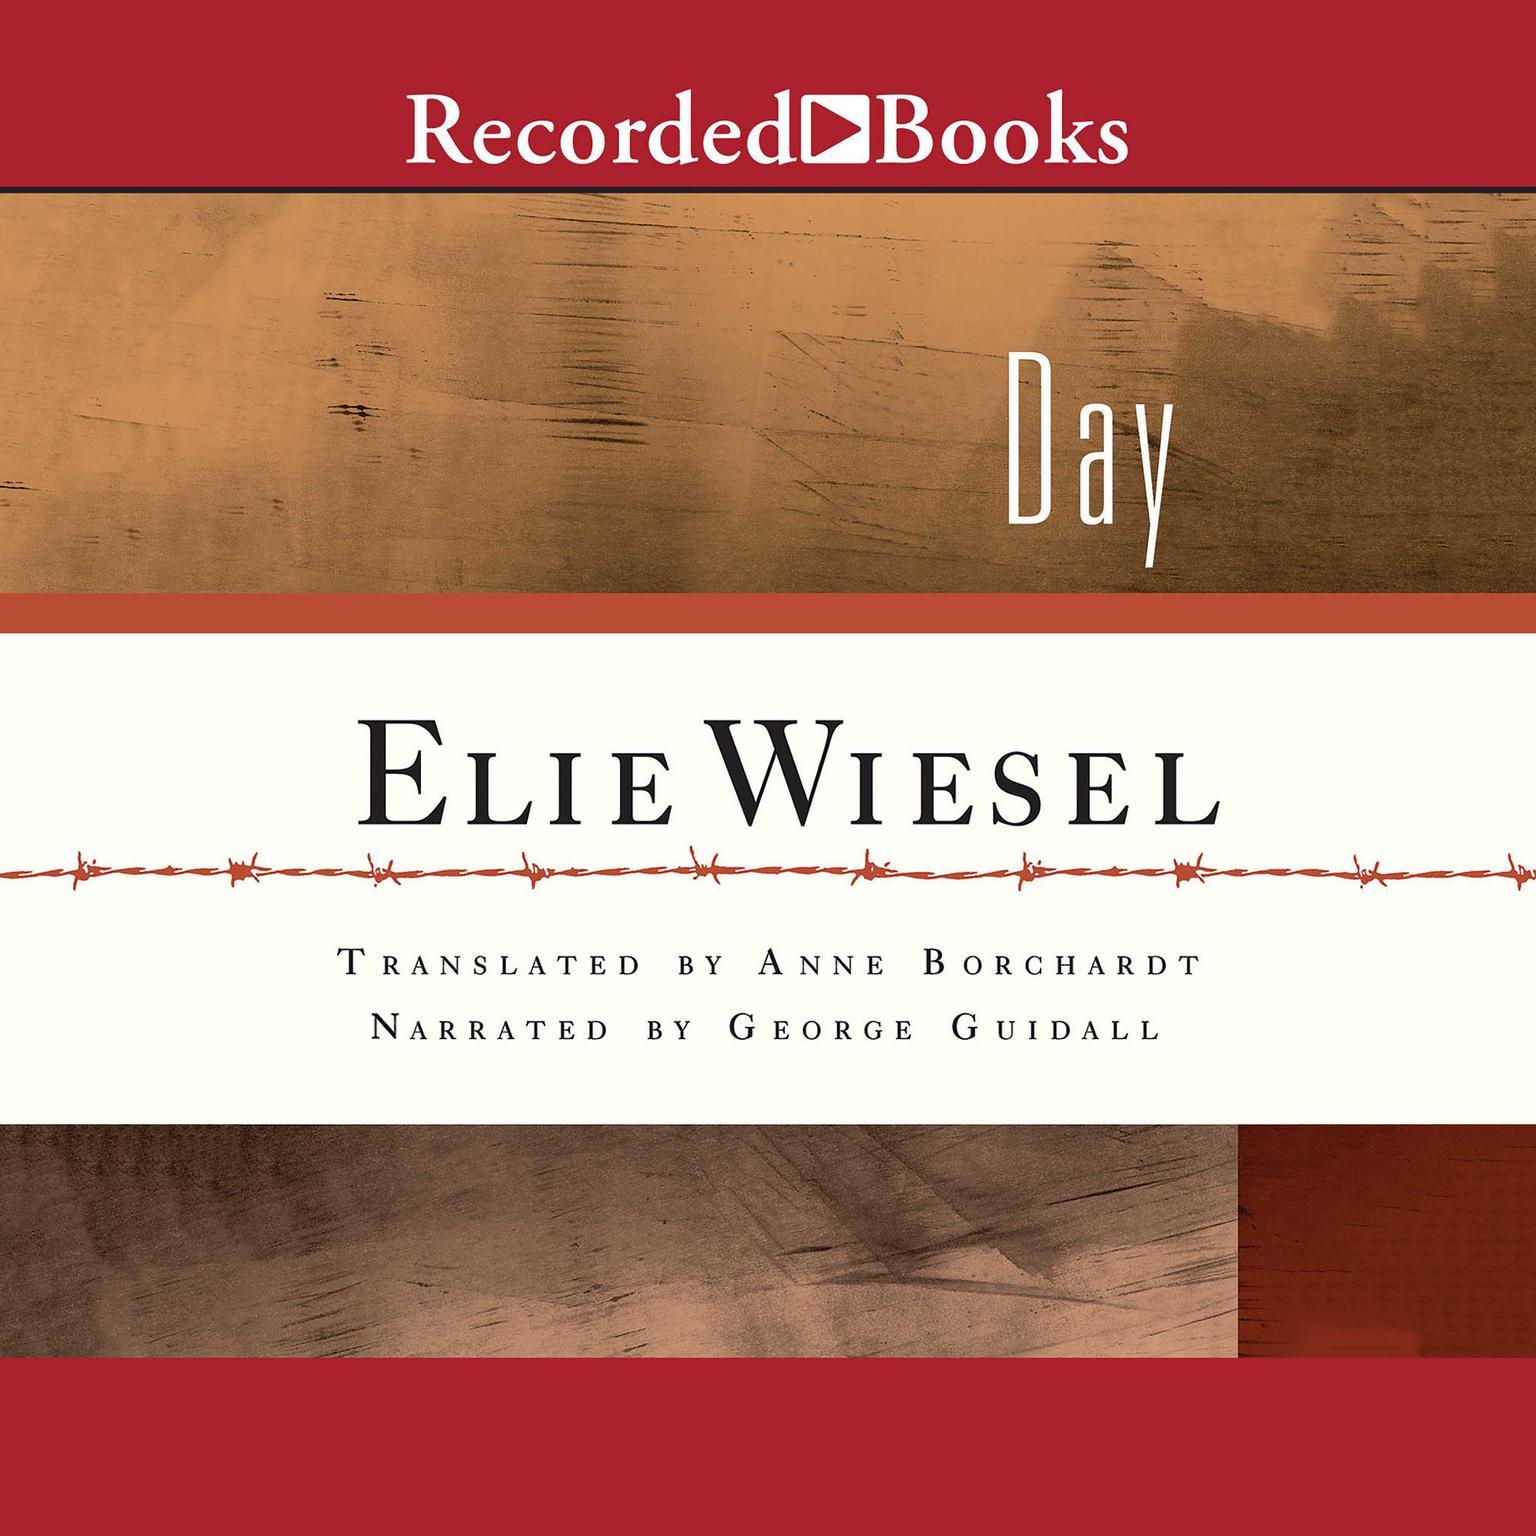 Day Audiobook, by Elie Wiesel